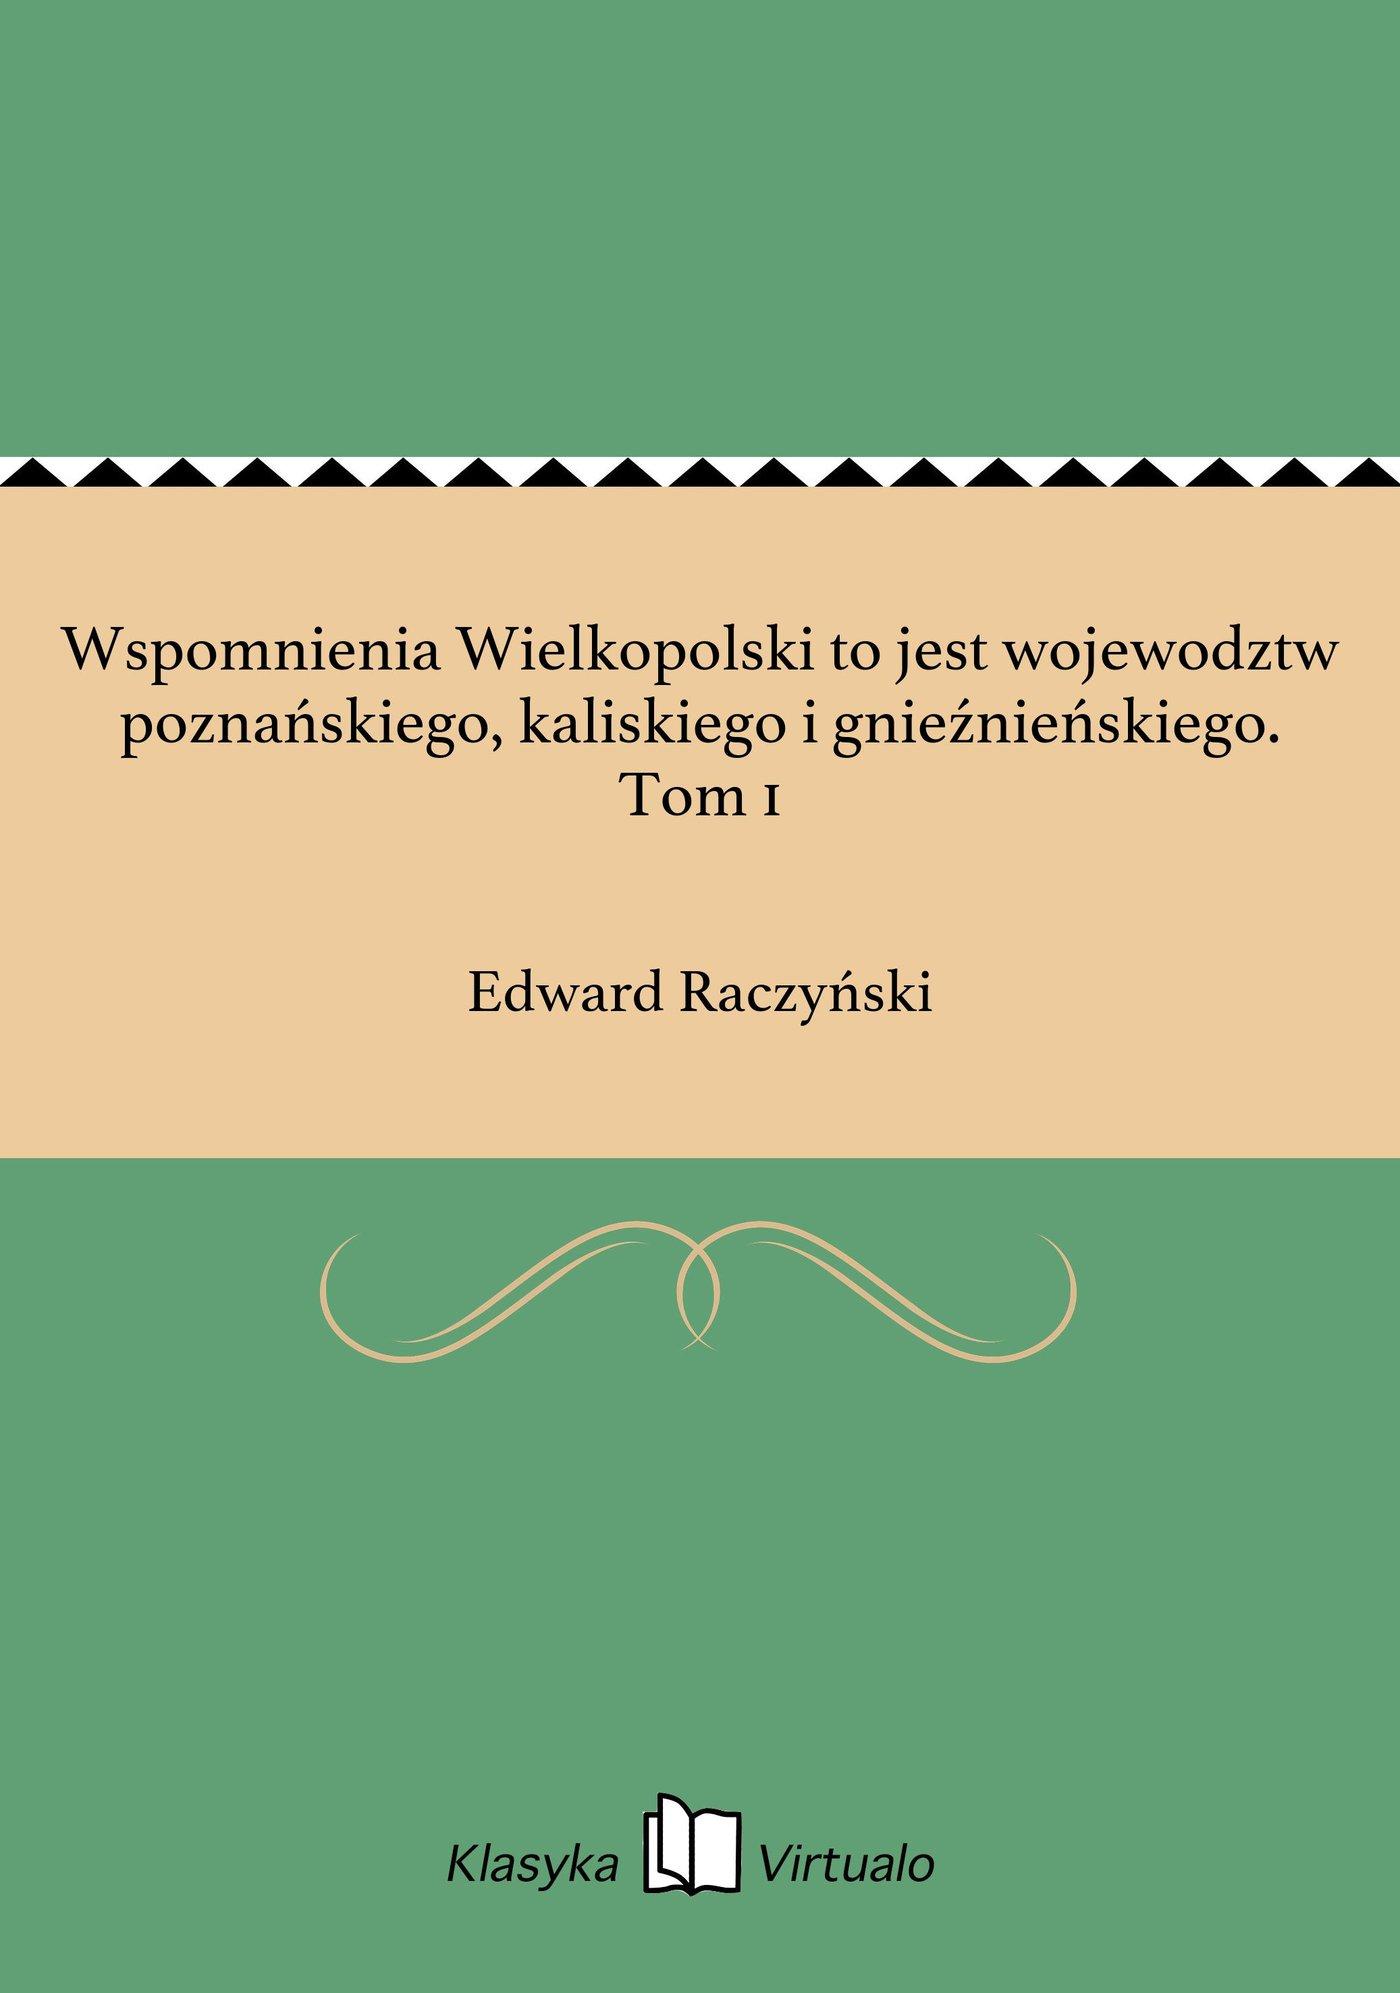 Wspomnienia Wielkopolski to jest wojewodztw poznańskiego, kaliskiego i gnieźnieńskiego. Tom 1 - Ebook (Książka na Kindle) do pobrania w formacie MOBI